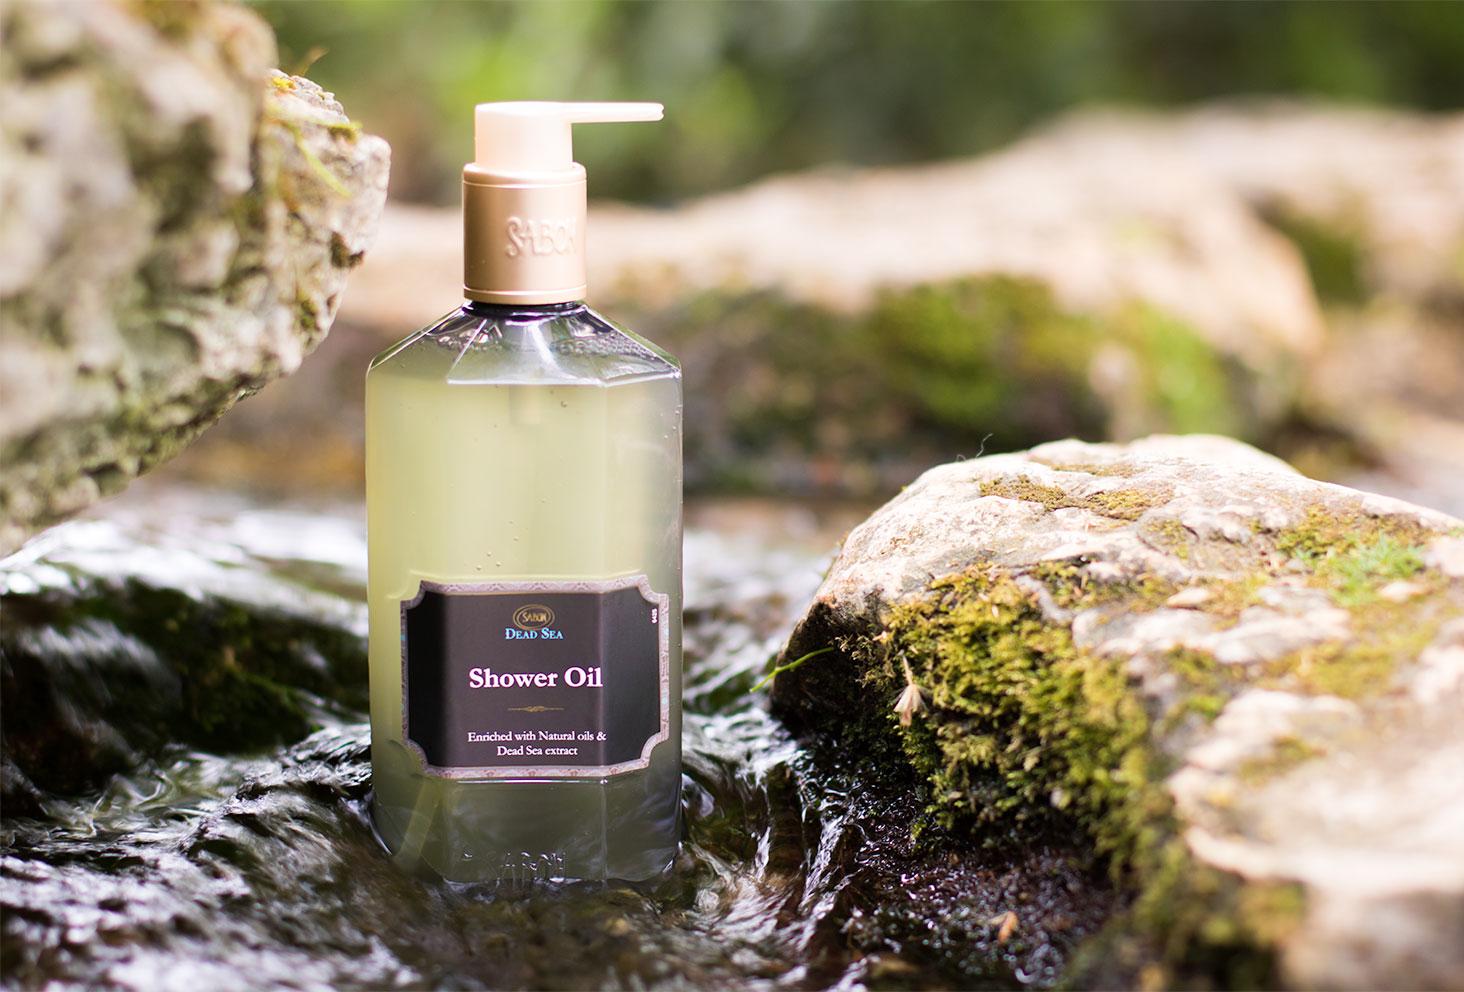 L'huile de douche Sabon dans l'eau au bord des rochers pour le top 3 des gels douche